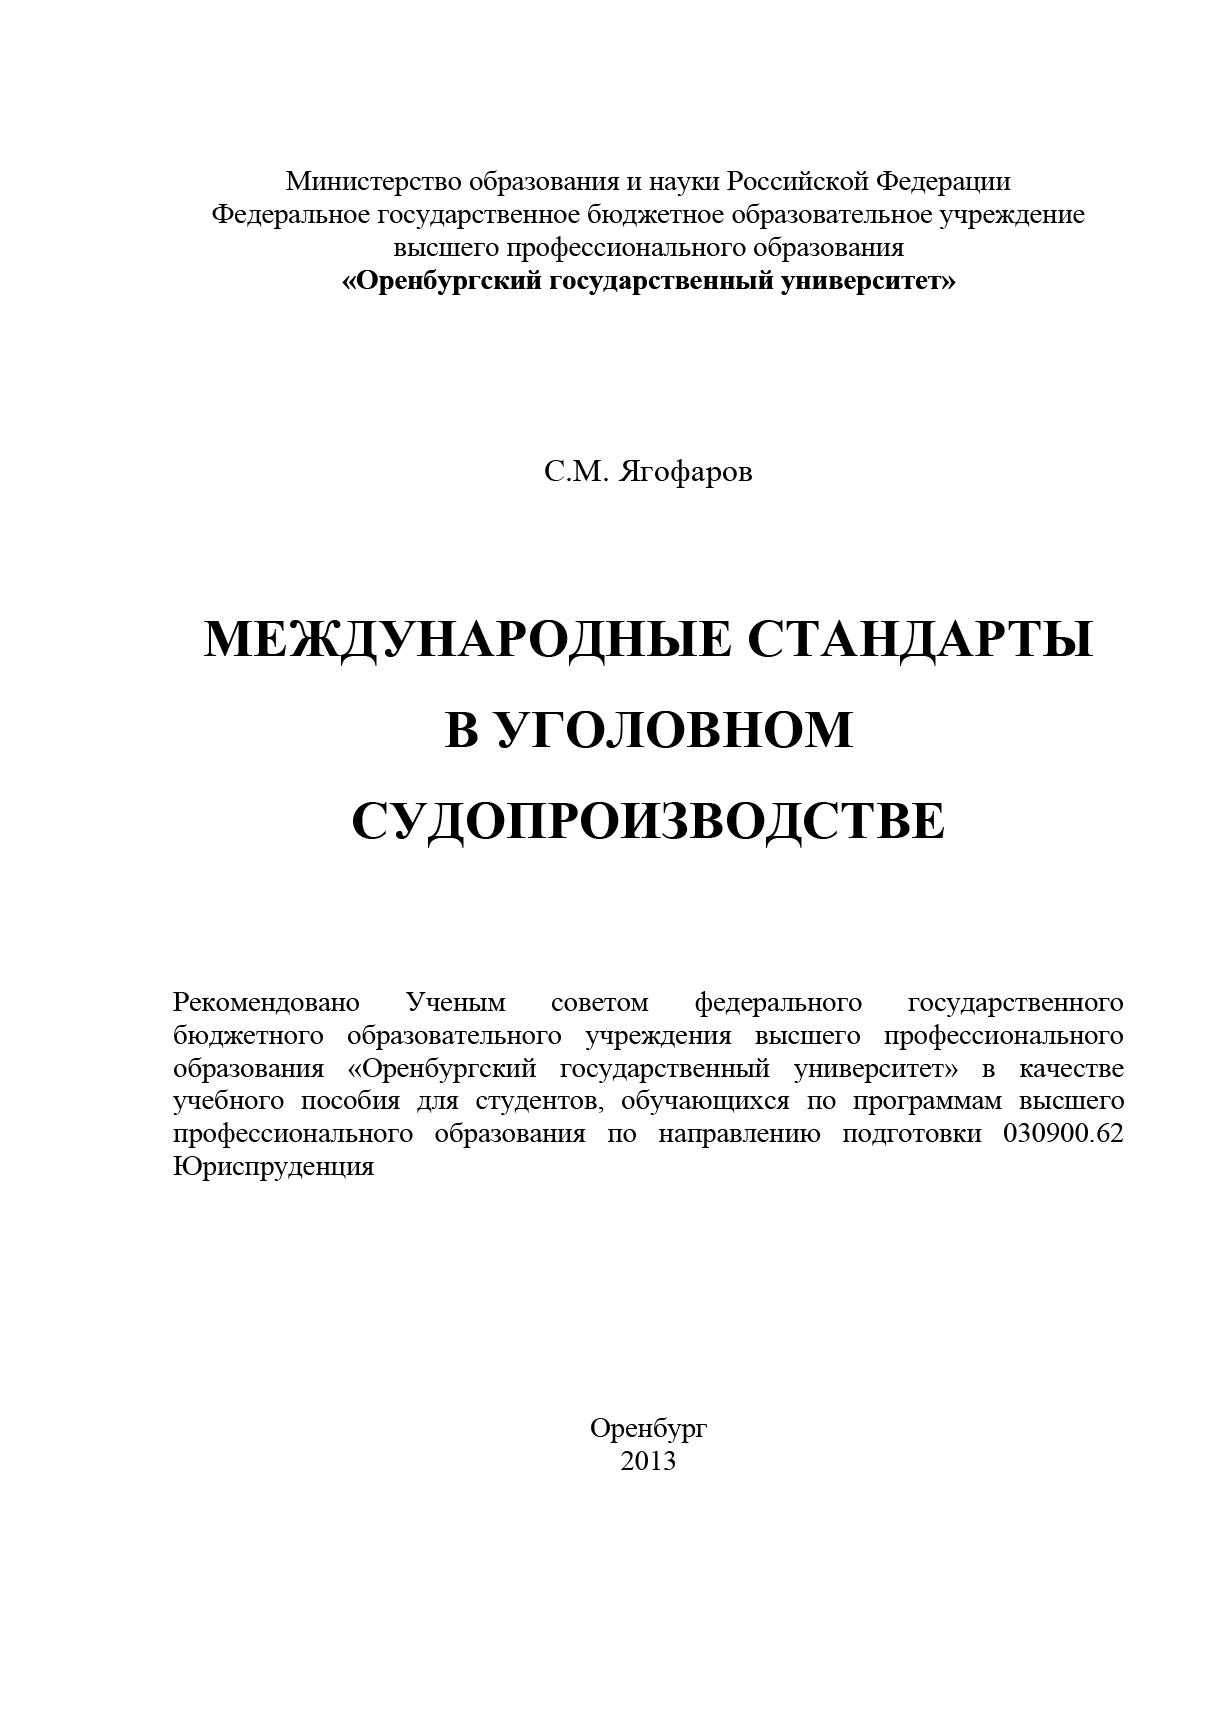 С. М. Ягофаров Международные стандарты в уголовном судопроизводстве вадим дронов международные и отечественные стандарты по информационной безопасности